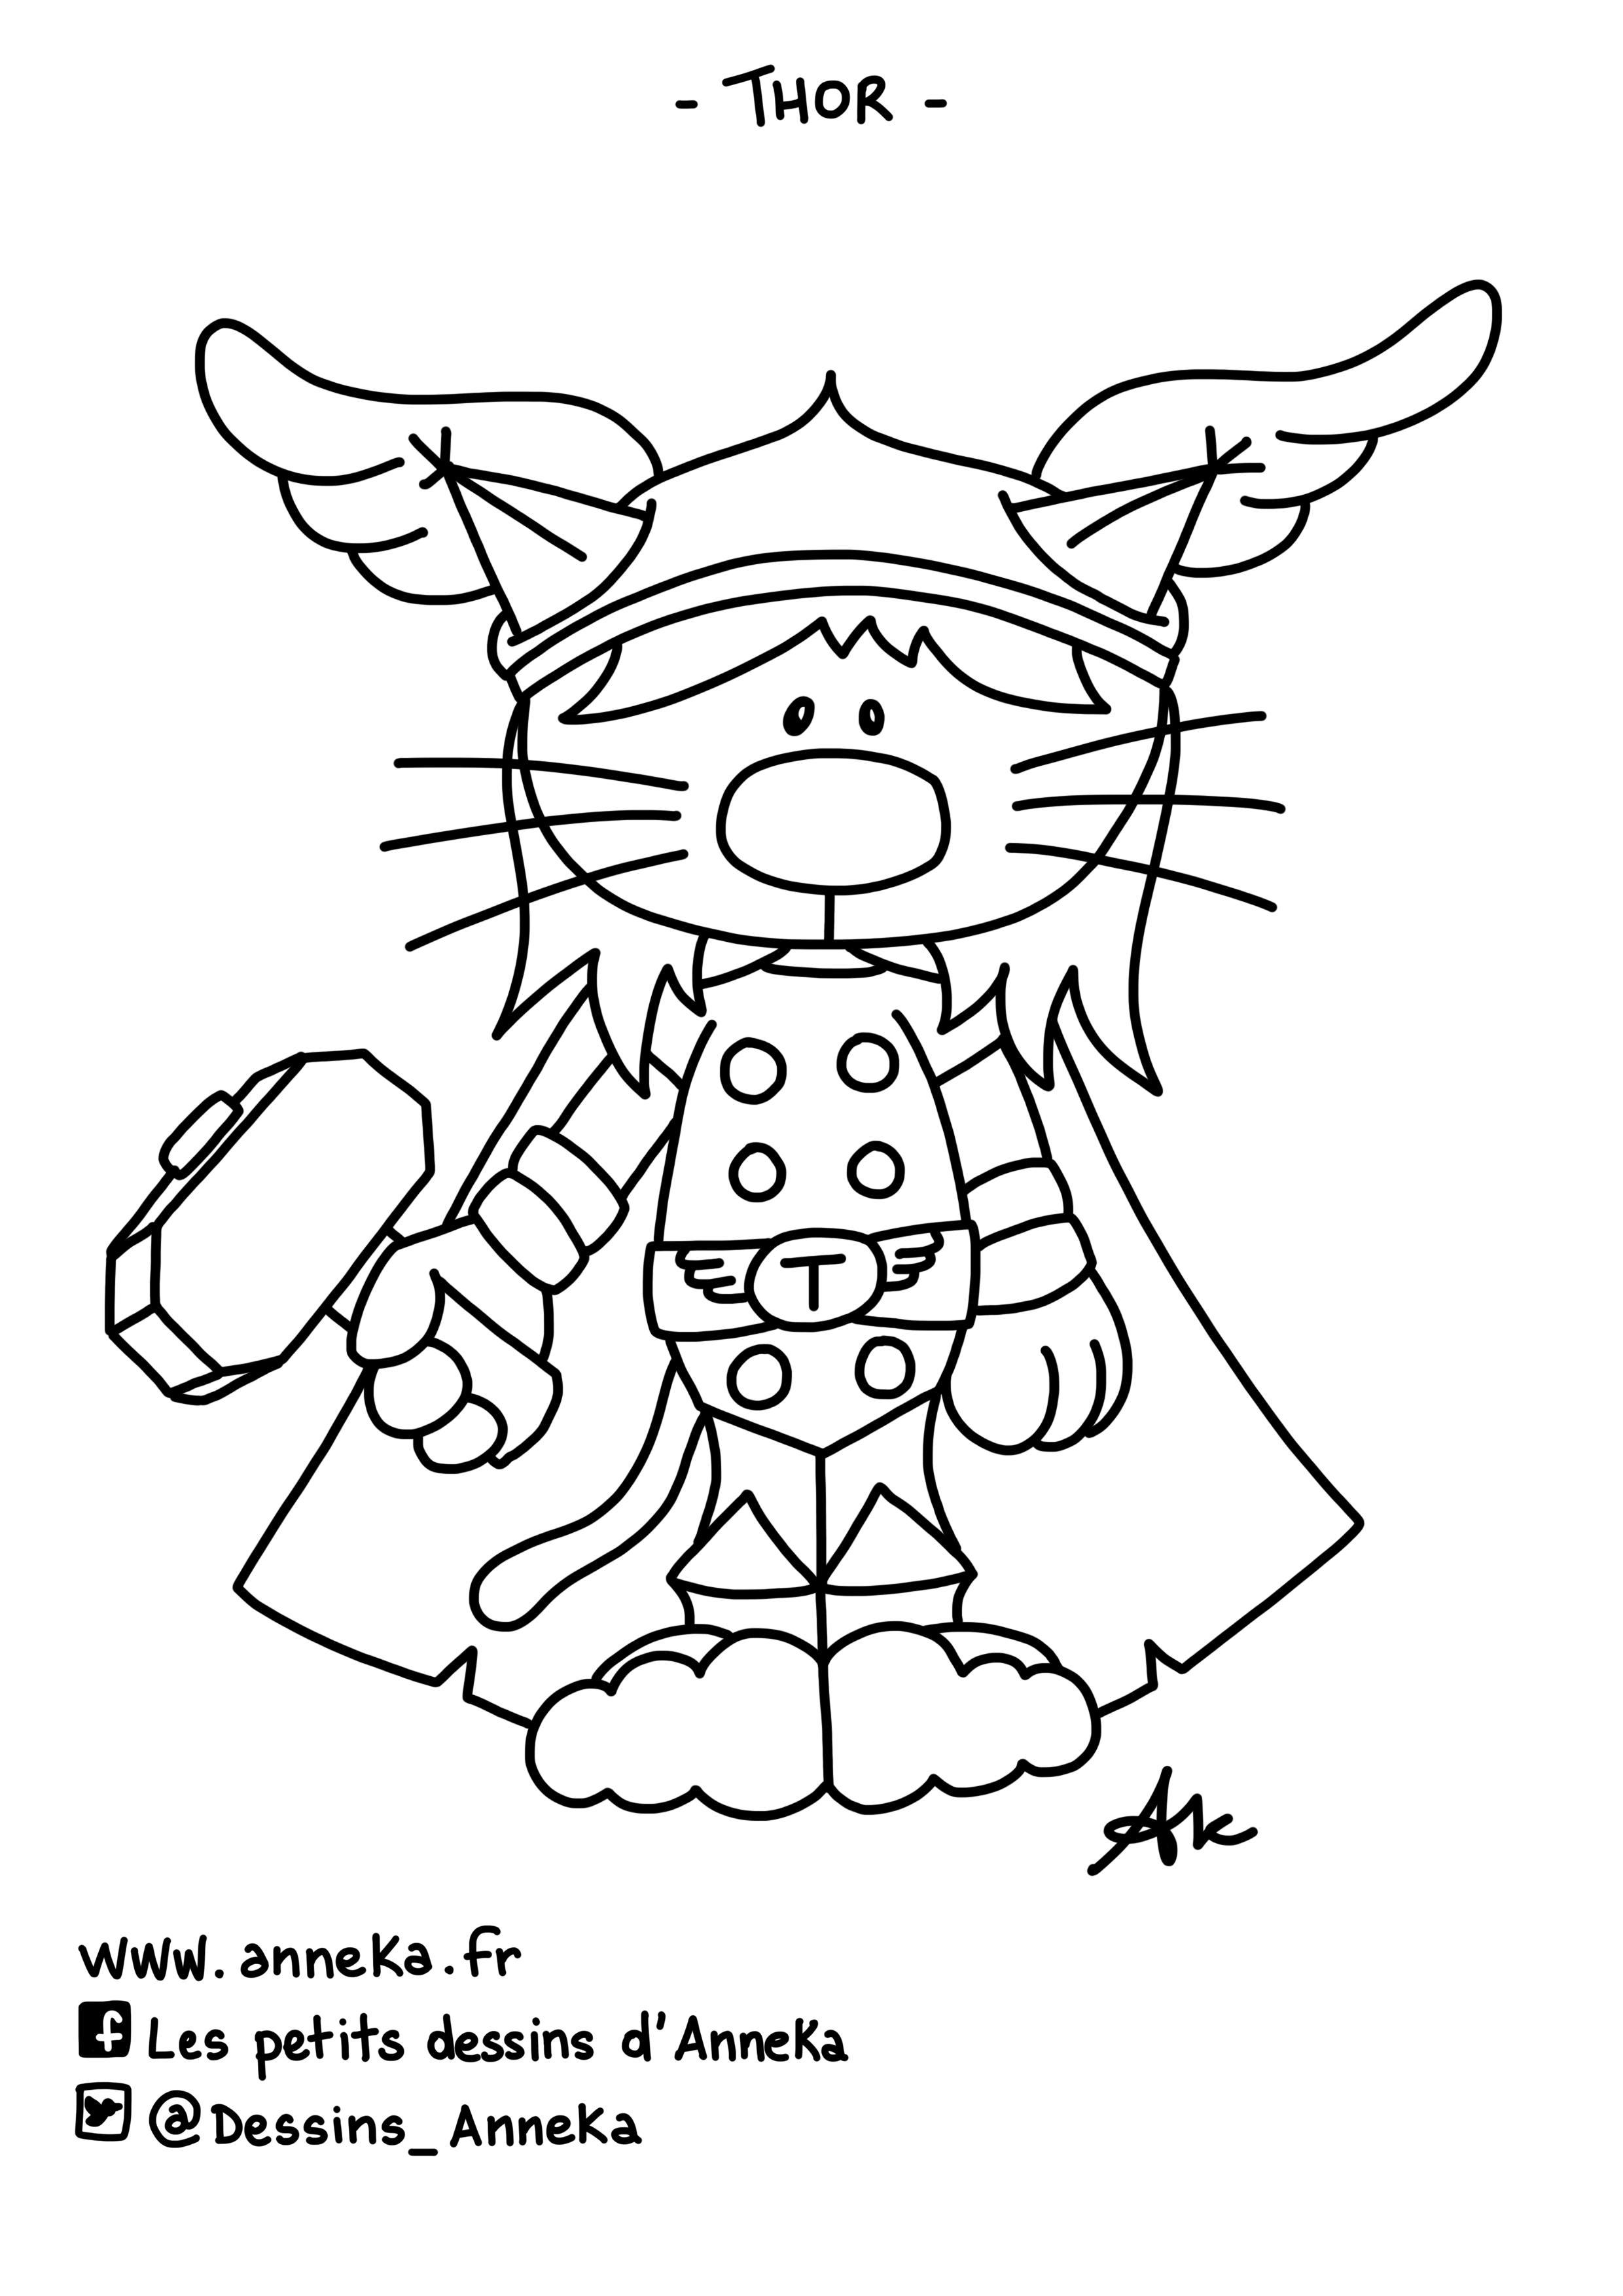 Les petits dessins d 39 anneka coloring thor coloriage thor - Dessin de thor ...